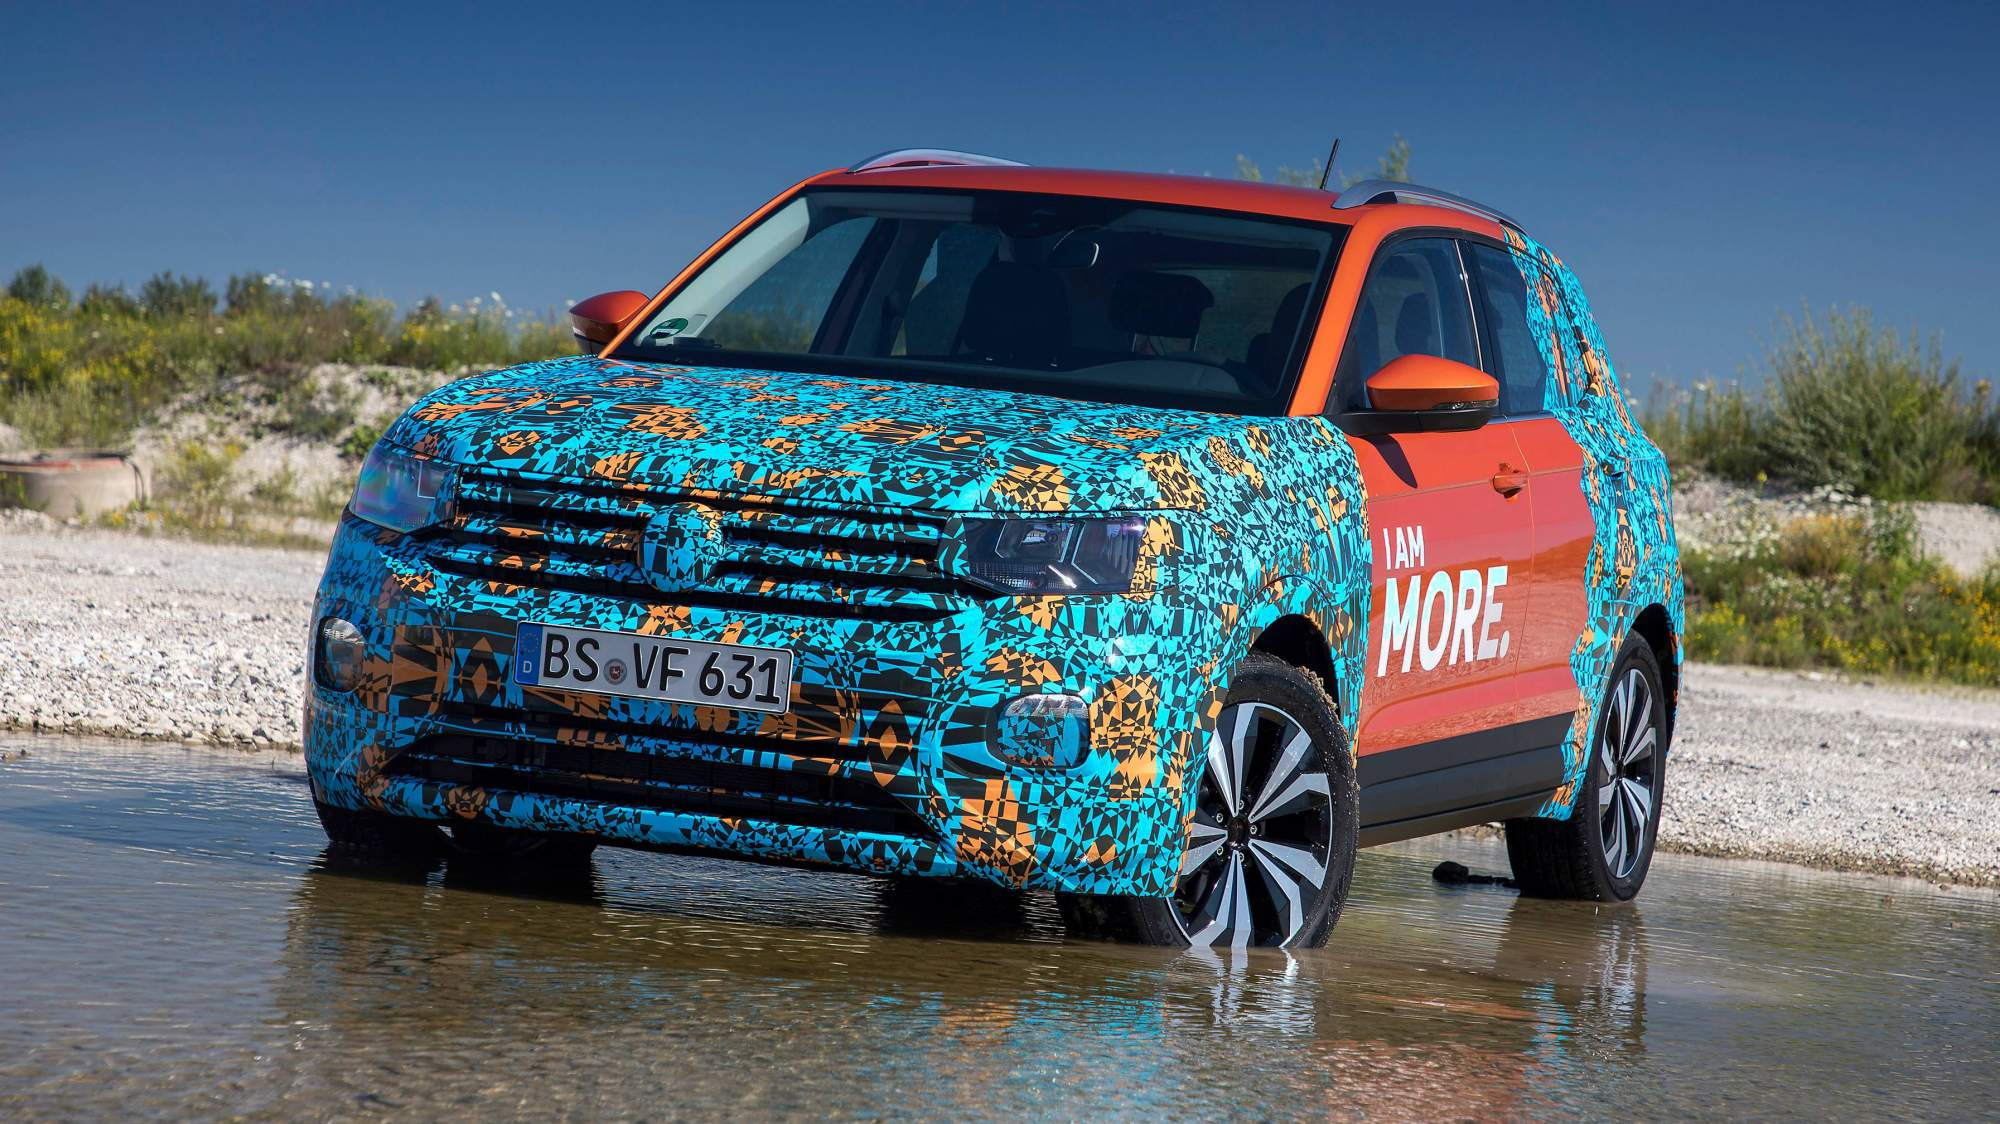 2019-VW-T-Cross-0-8687.jpeg